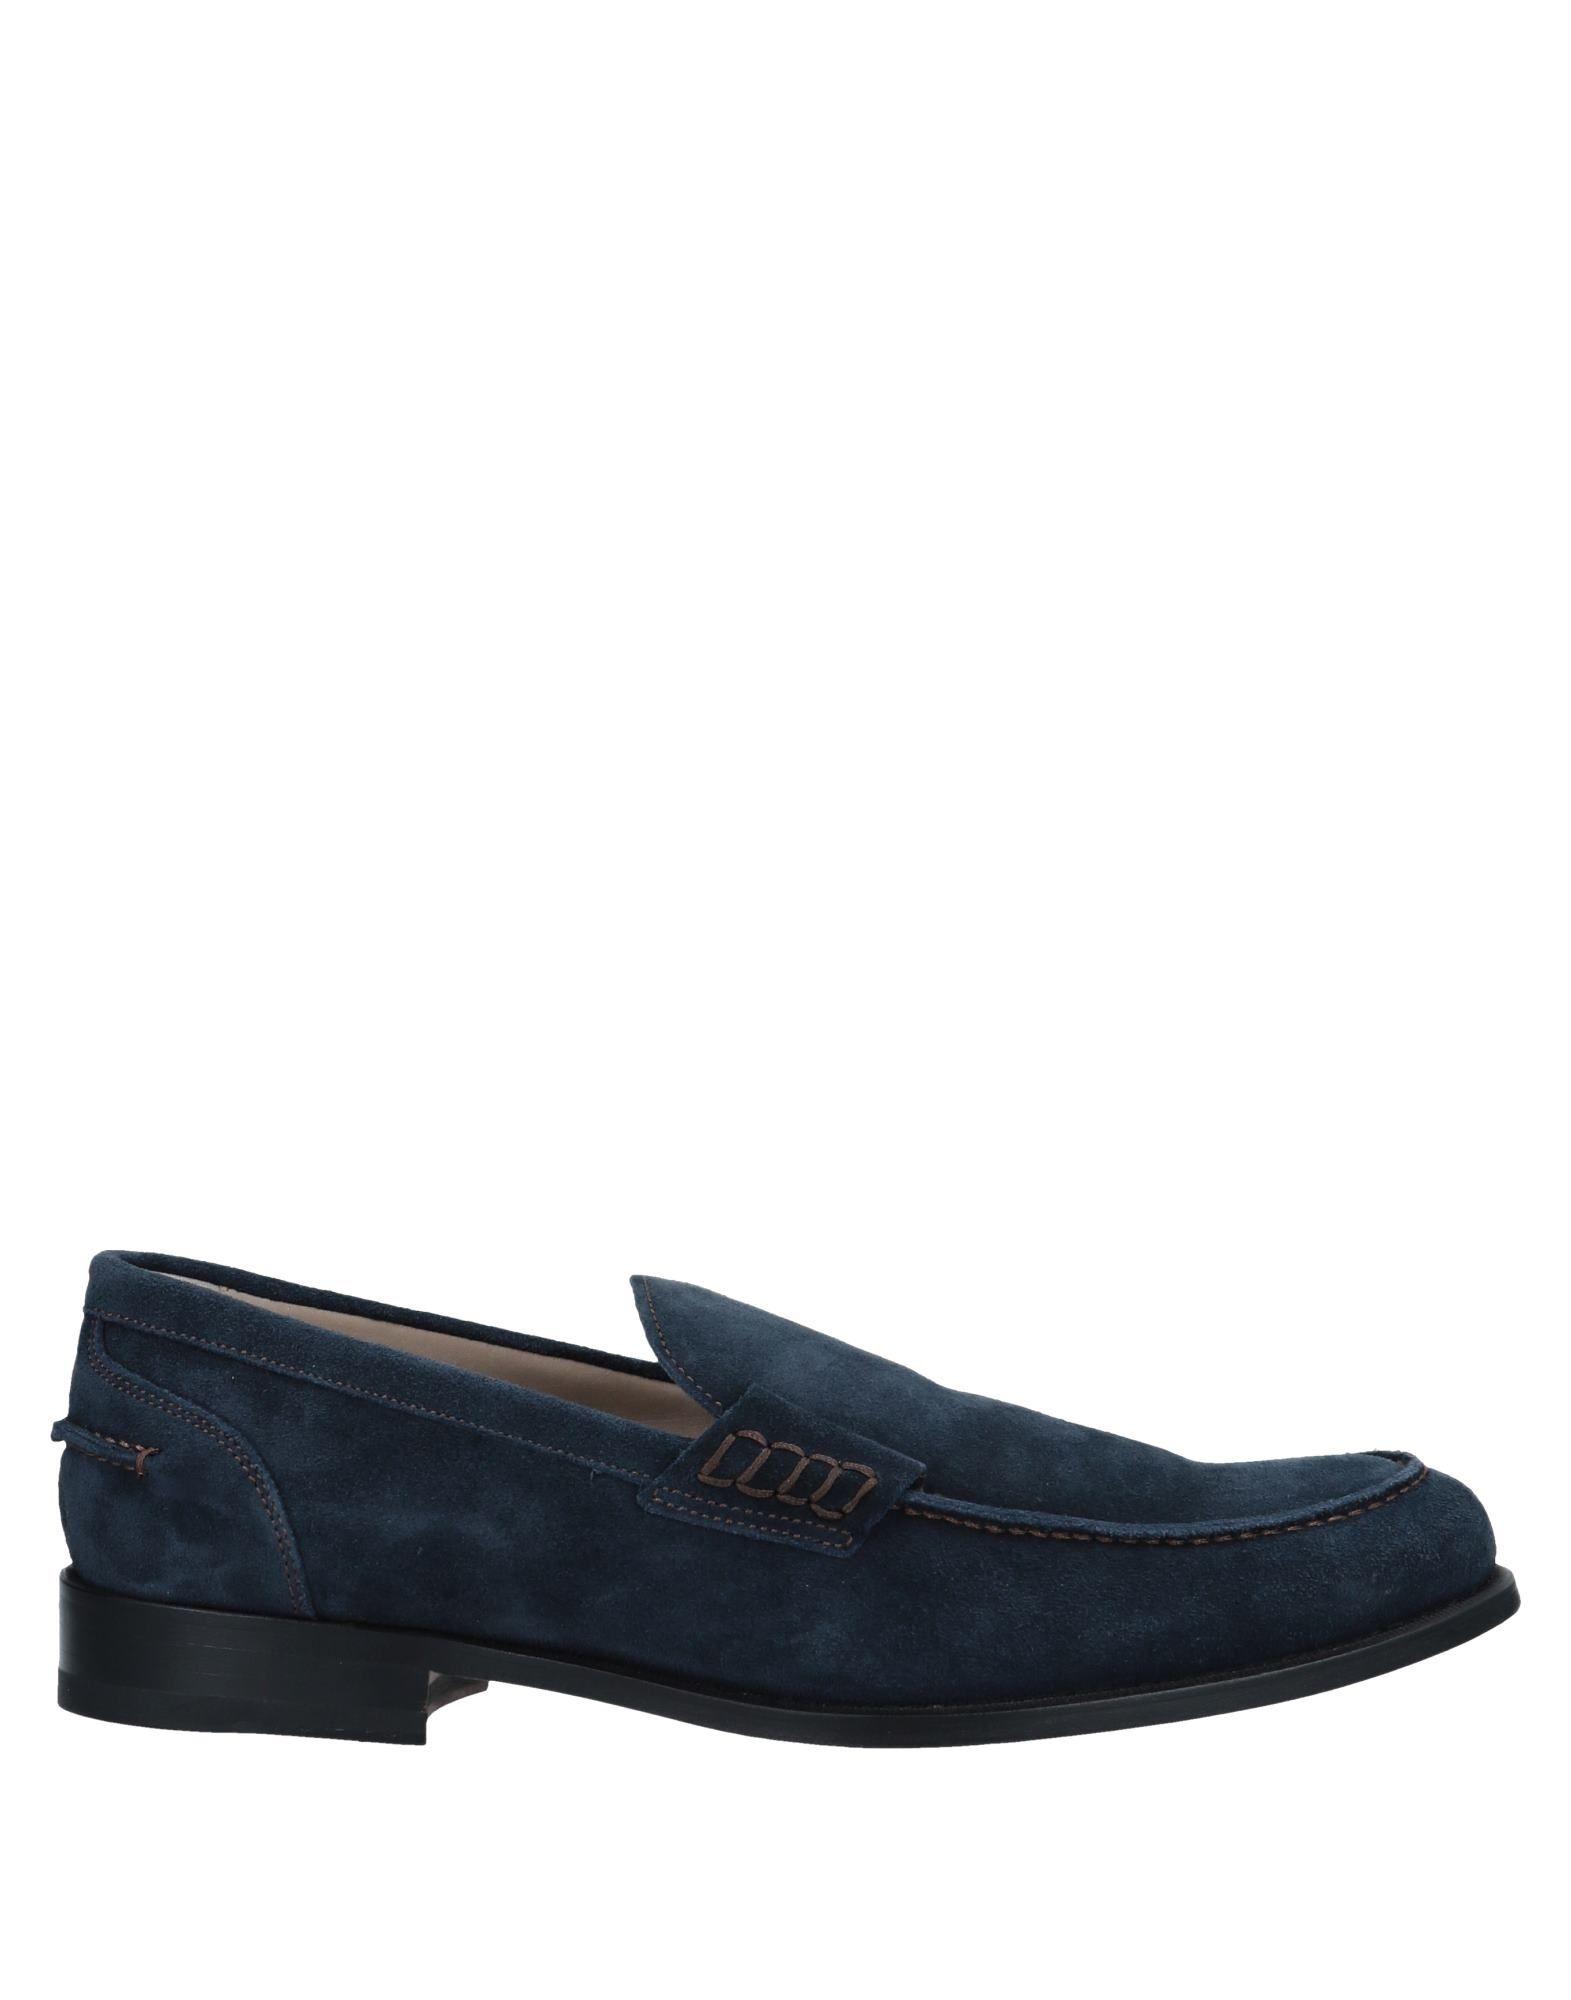 Baldinini Mokassins Herren  11554417EF Gute Qualität beliebte Schuhe